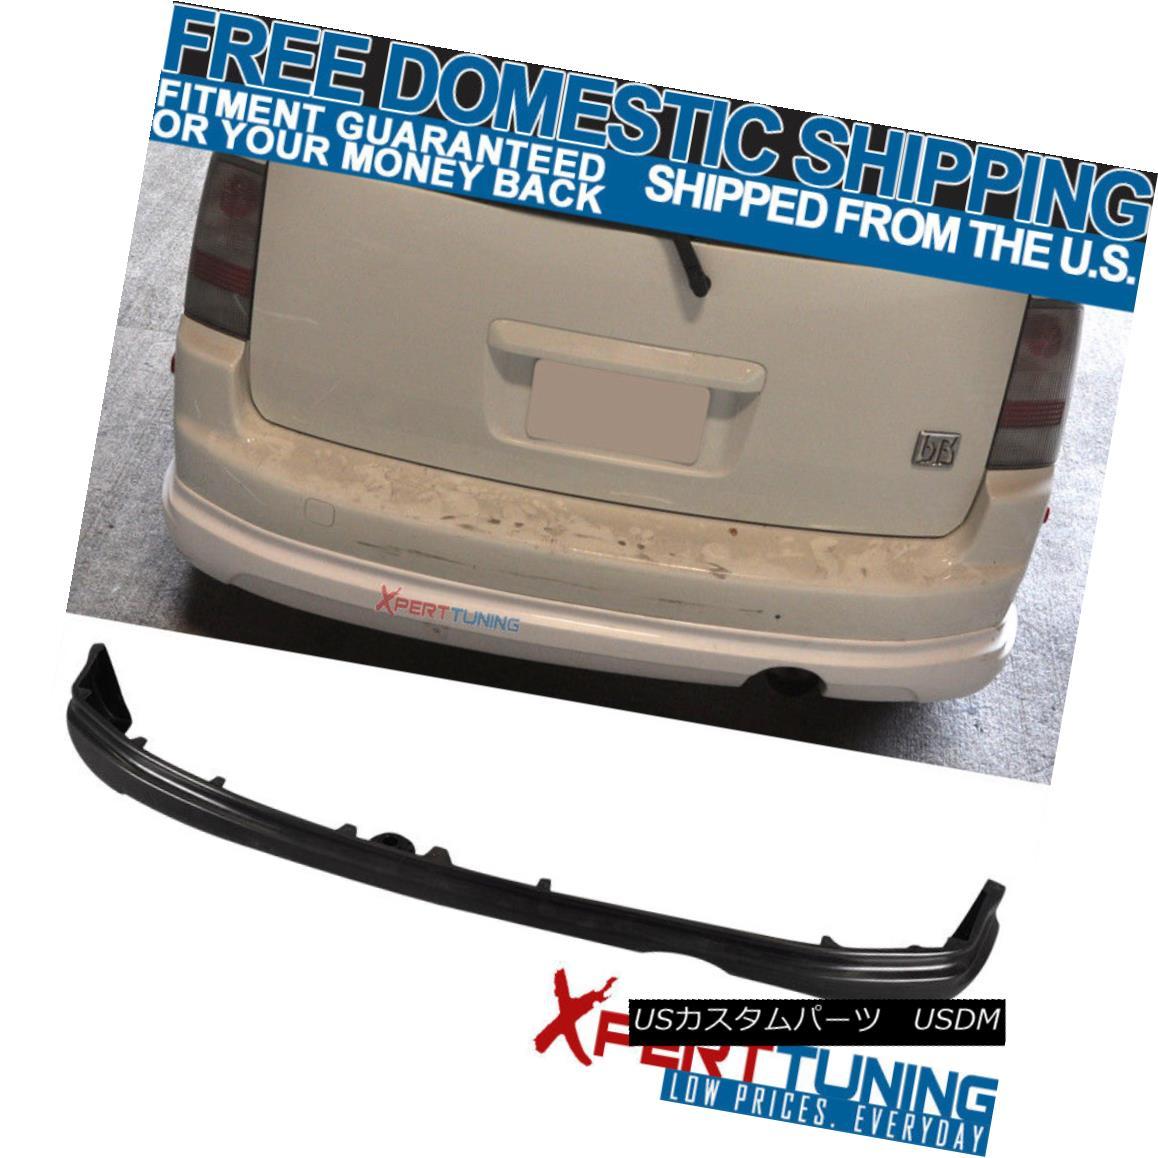 エアロパーツ Unpainted For 2003-2007 Scion xB Wagon 5Dr Rear Bumper Lip Spoiler PU 未塗装の2003-2007シオンxBワゴン5DrリアバンパーリップスポイラーPU